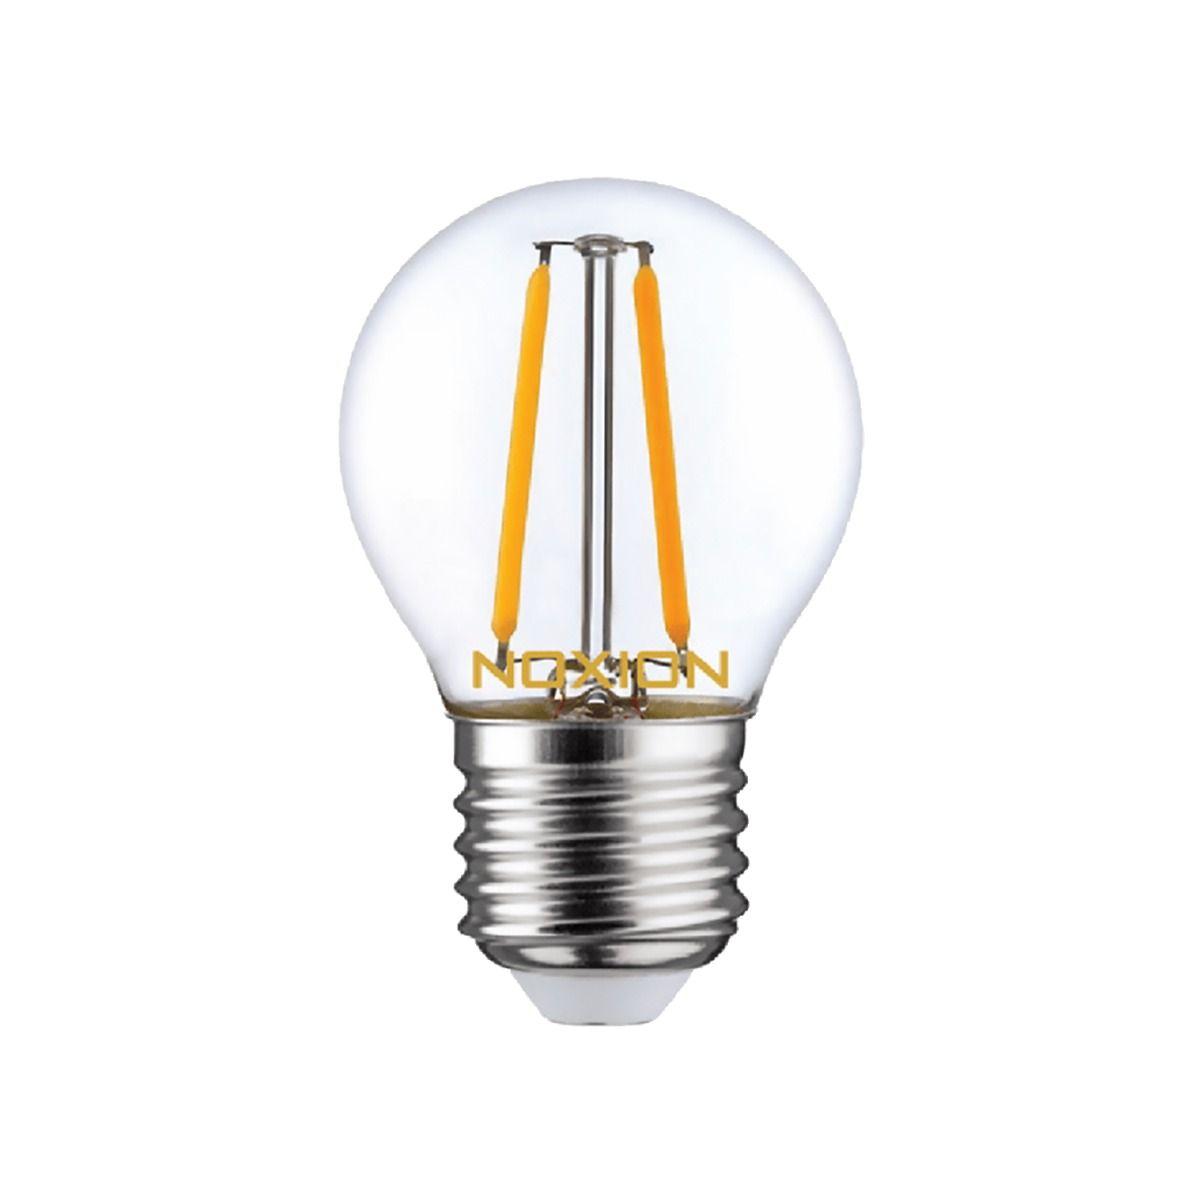 Noxion Lucent LED Lustre E27 2.6W 827 Fadenlampe | Ersatz für 25W